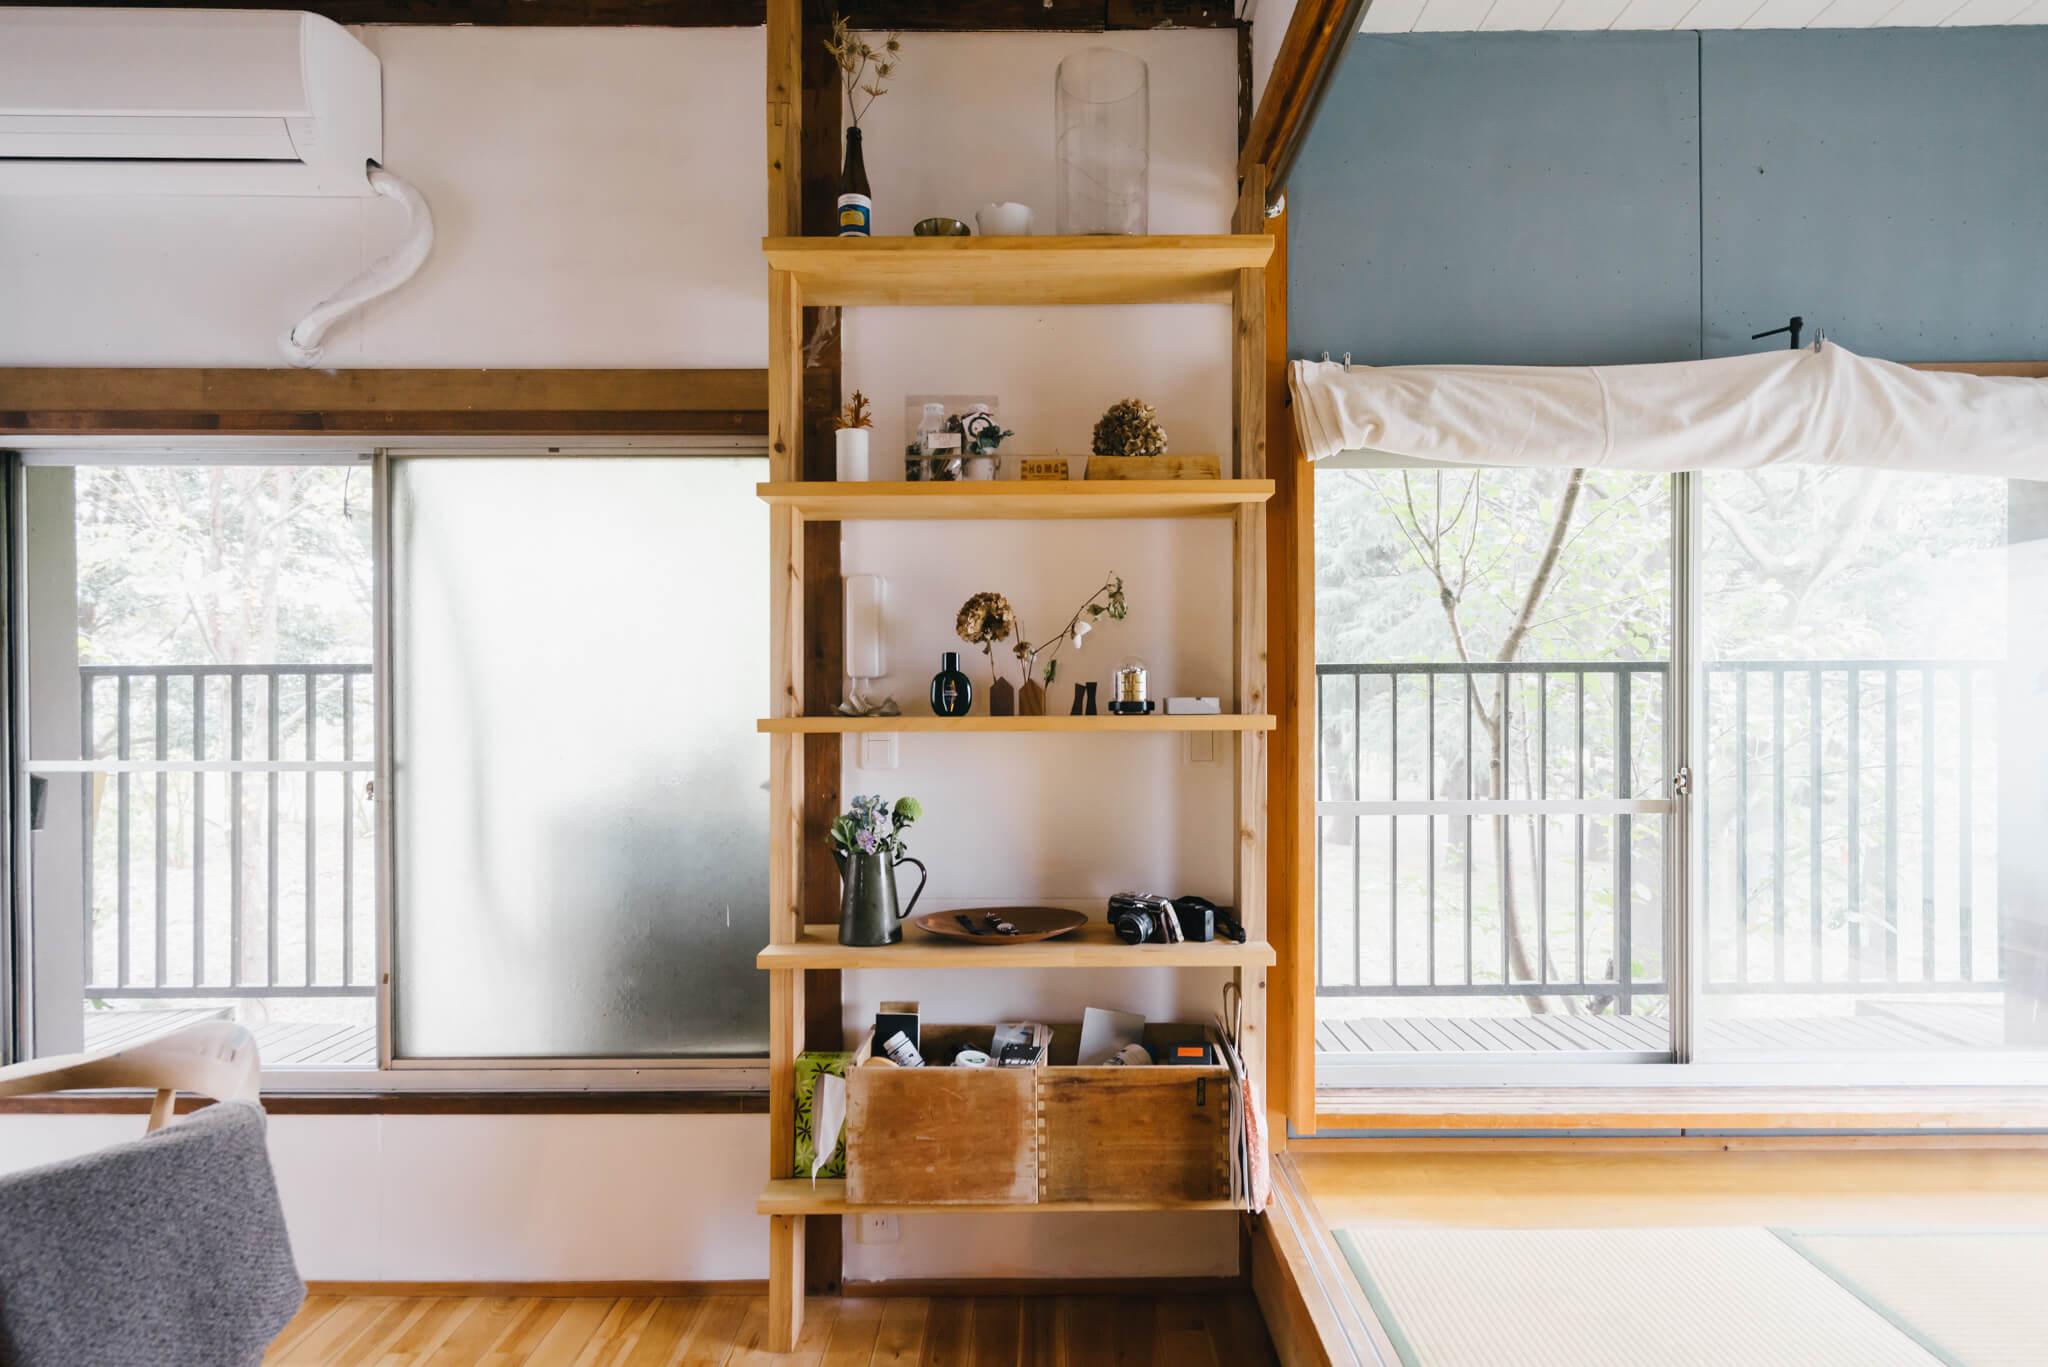 階段を上って正面の、まず最初に目に入る場所には、アートや好きなものを飾るための小さな棚を。